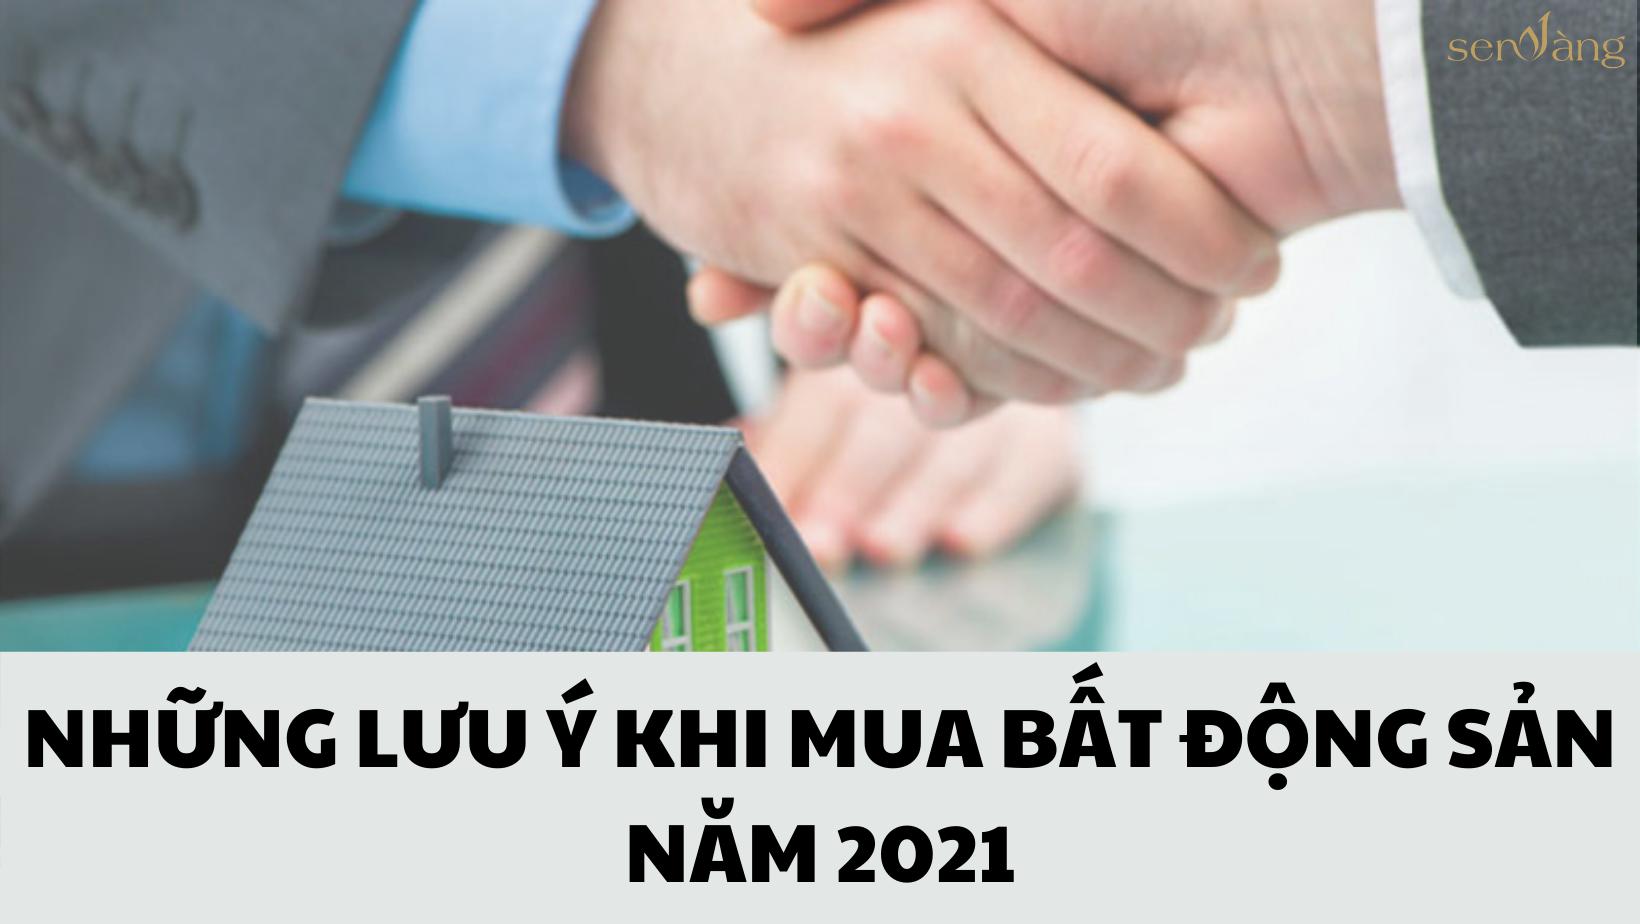 NHỮNG LƯU Ý KHI MUA BẤT ĐỘNG SẢN NĂM 2021